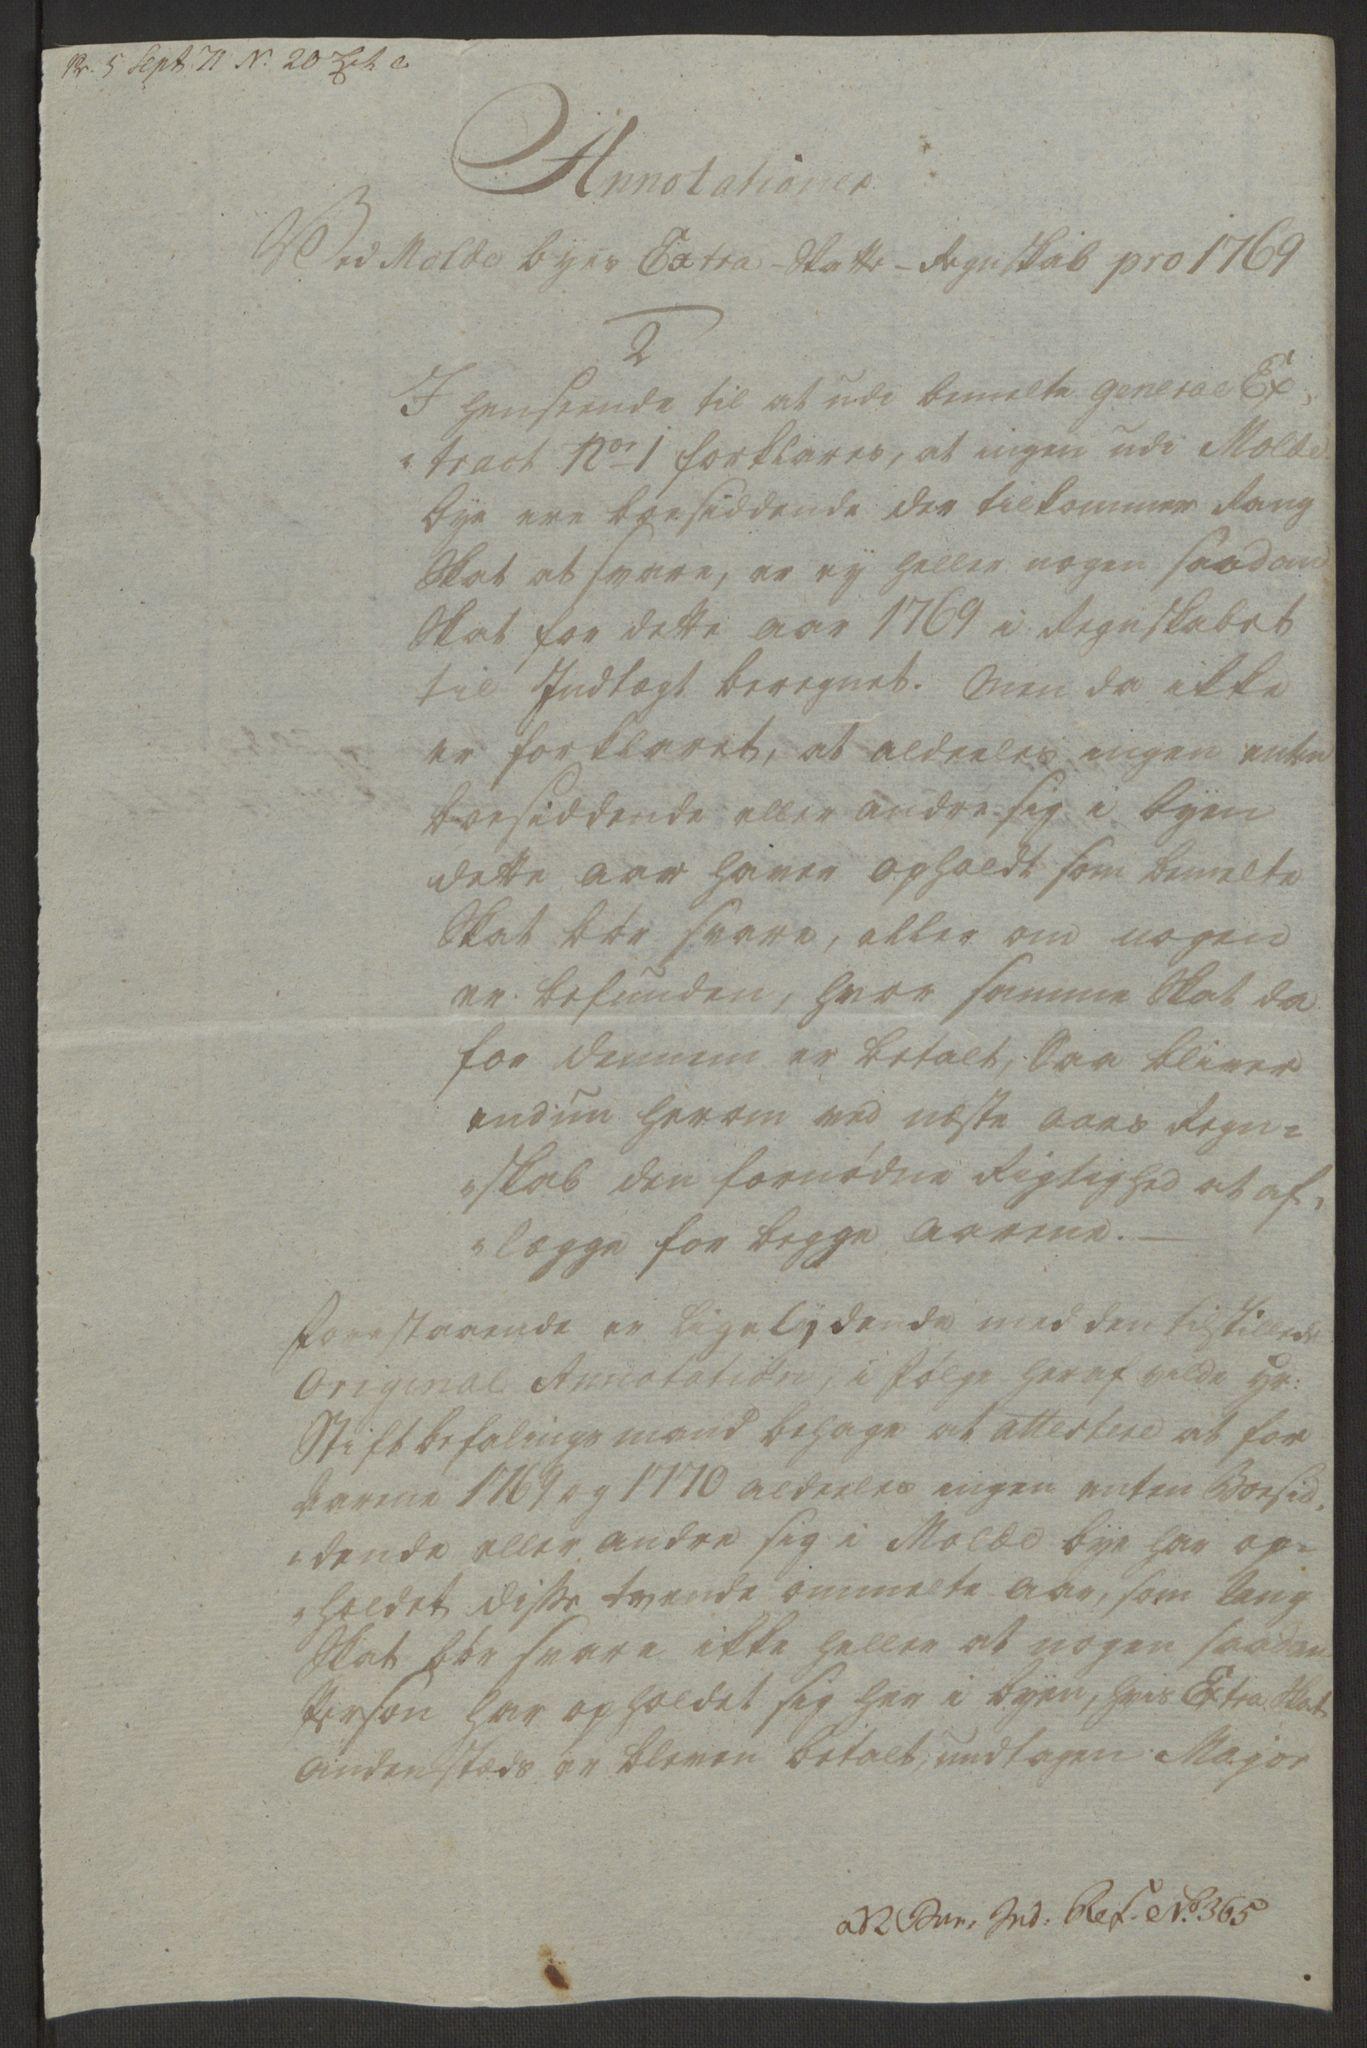 RA, Rentekammeret inntil 1814, Reviderte regnskaper, Byregnskaper, R/Rq/L0487: [Q1] Kontribusjonsregnskap, 1762-1772, s. 193